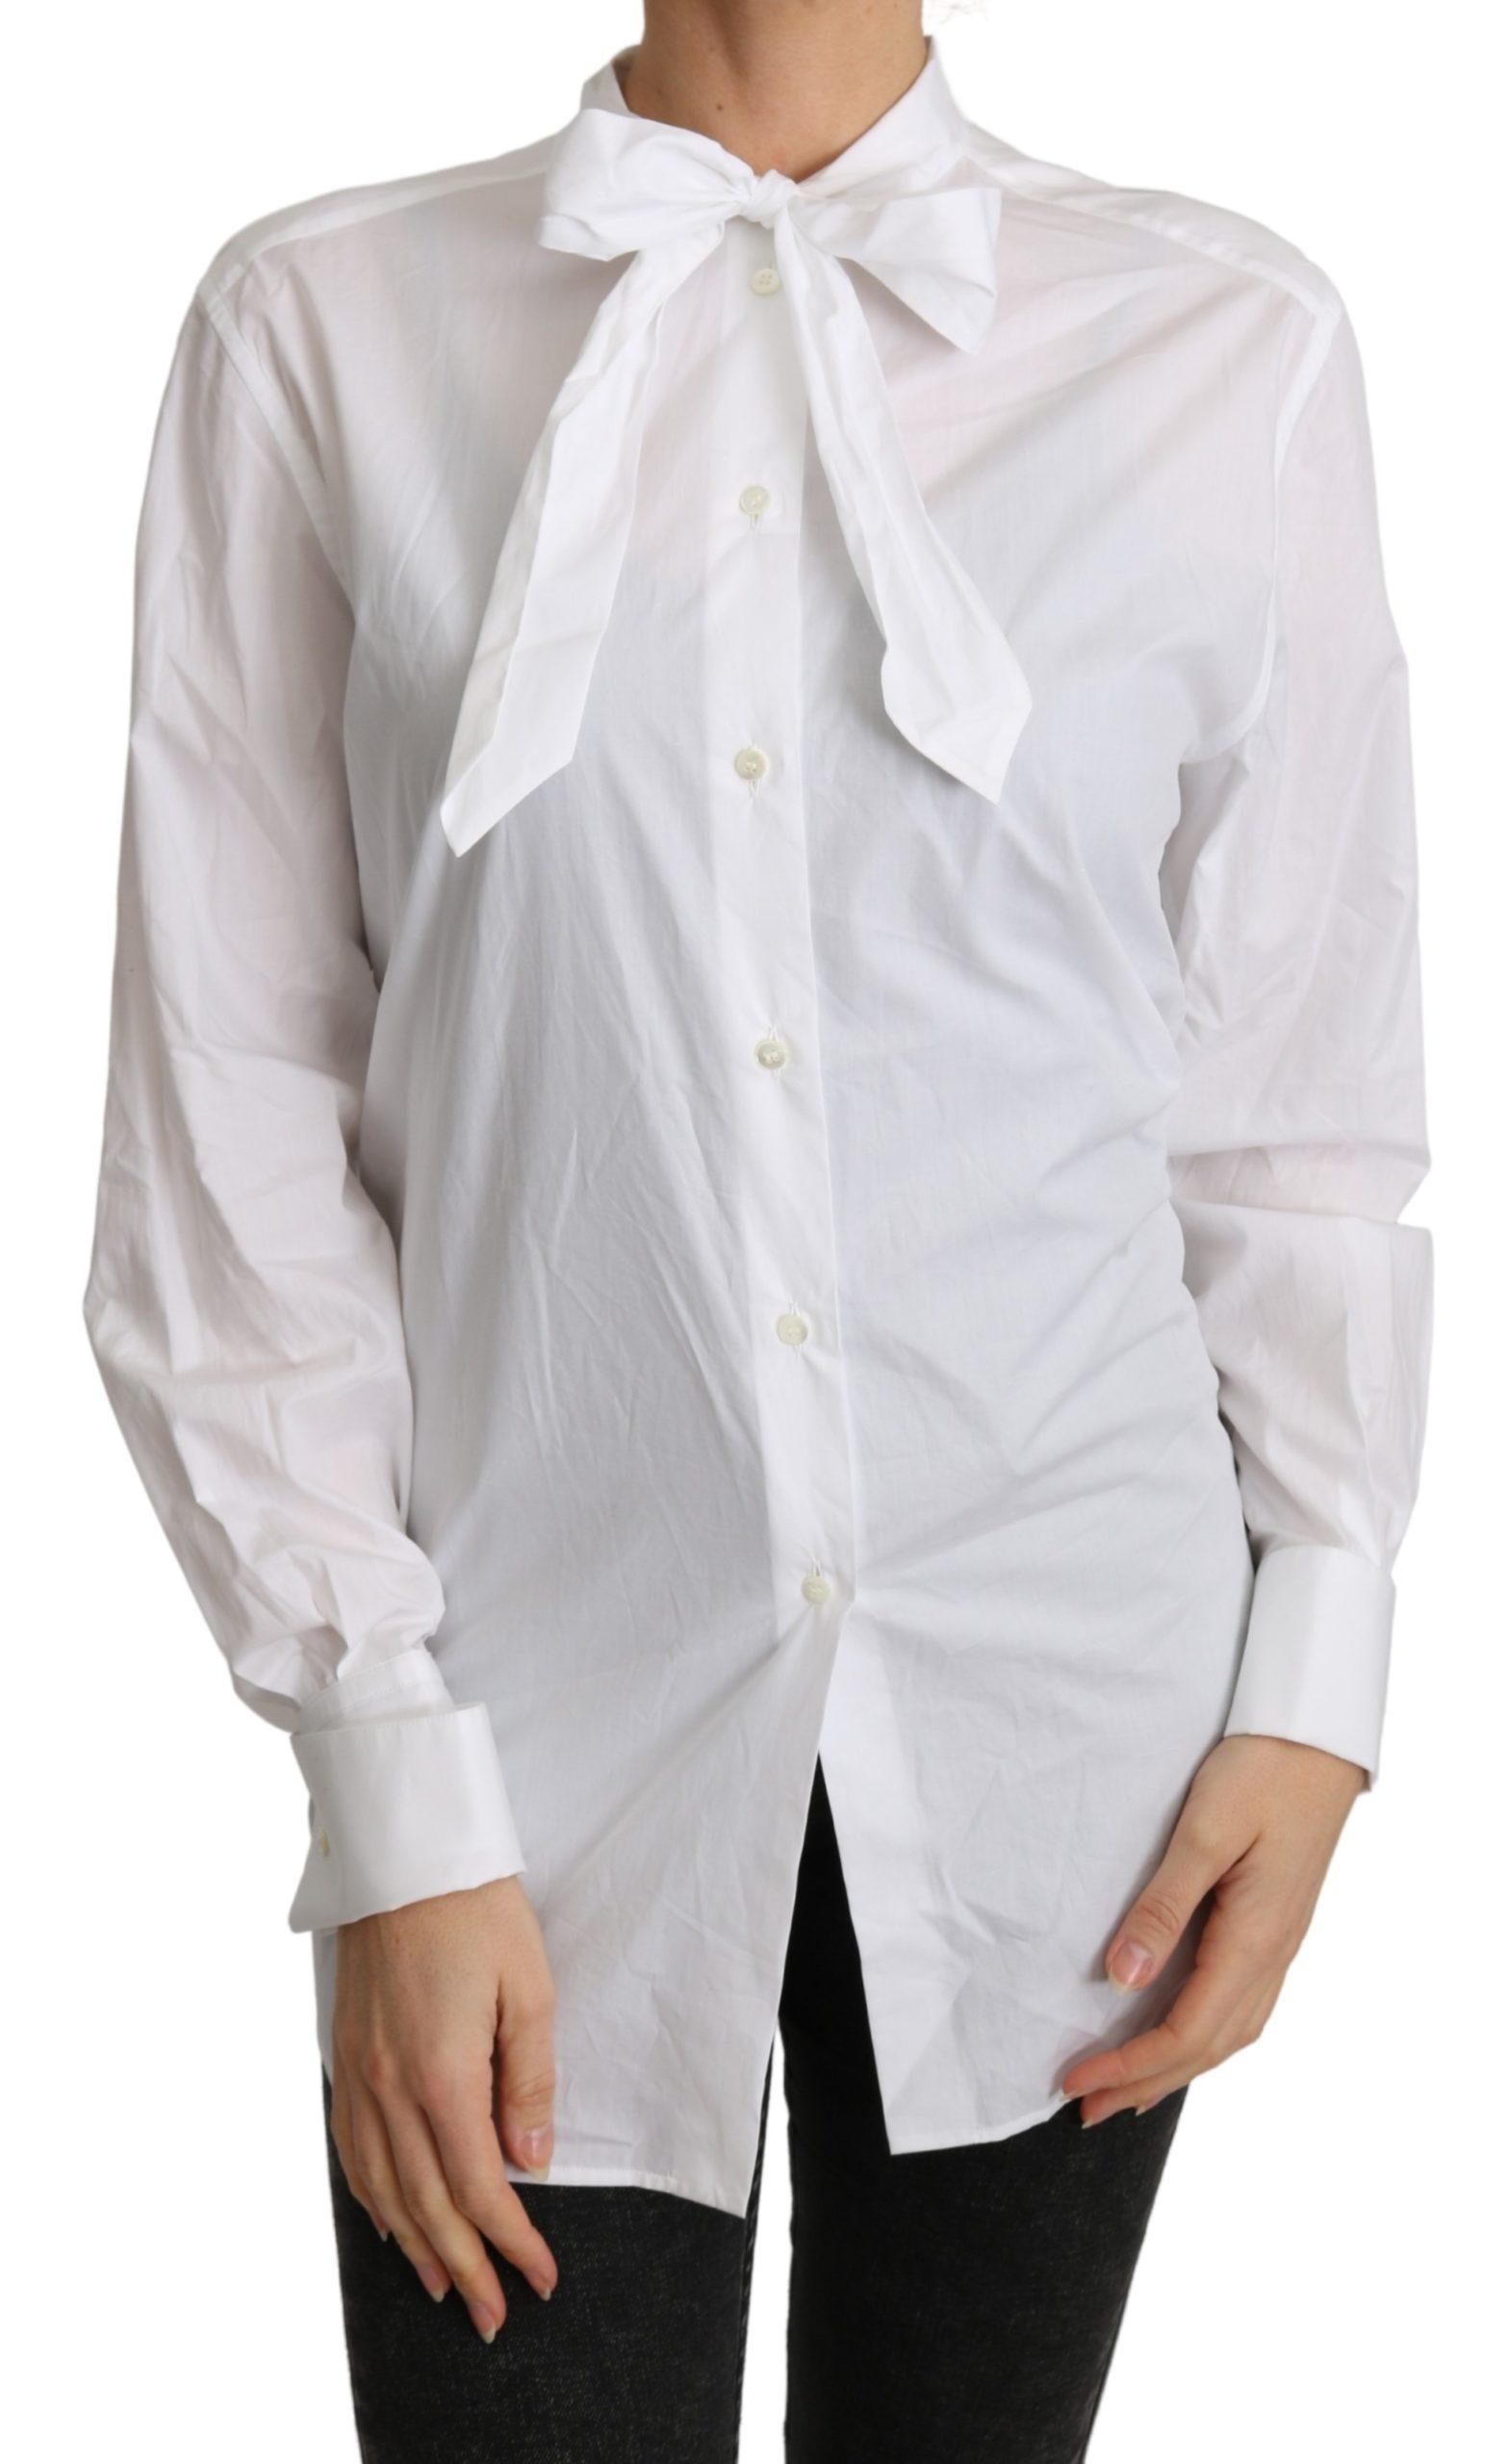 Dolce & Gabbana Women's Scarf Neck Shirts White TSH4830 - IT44|L